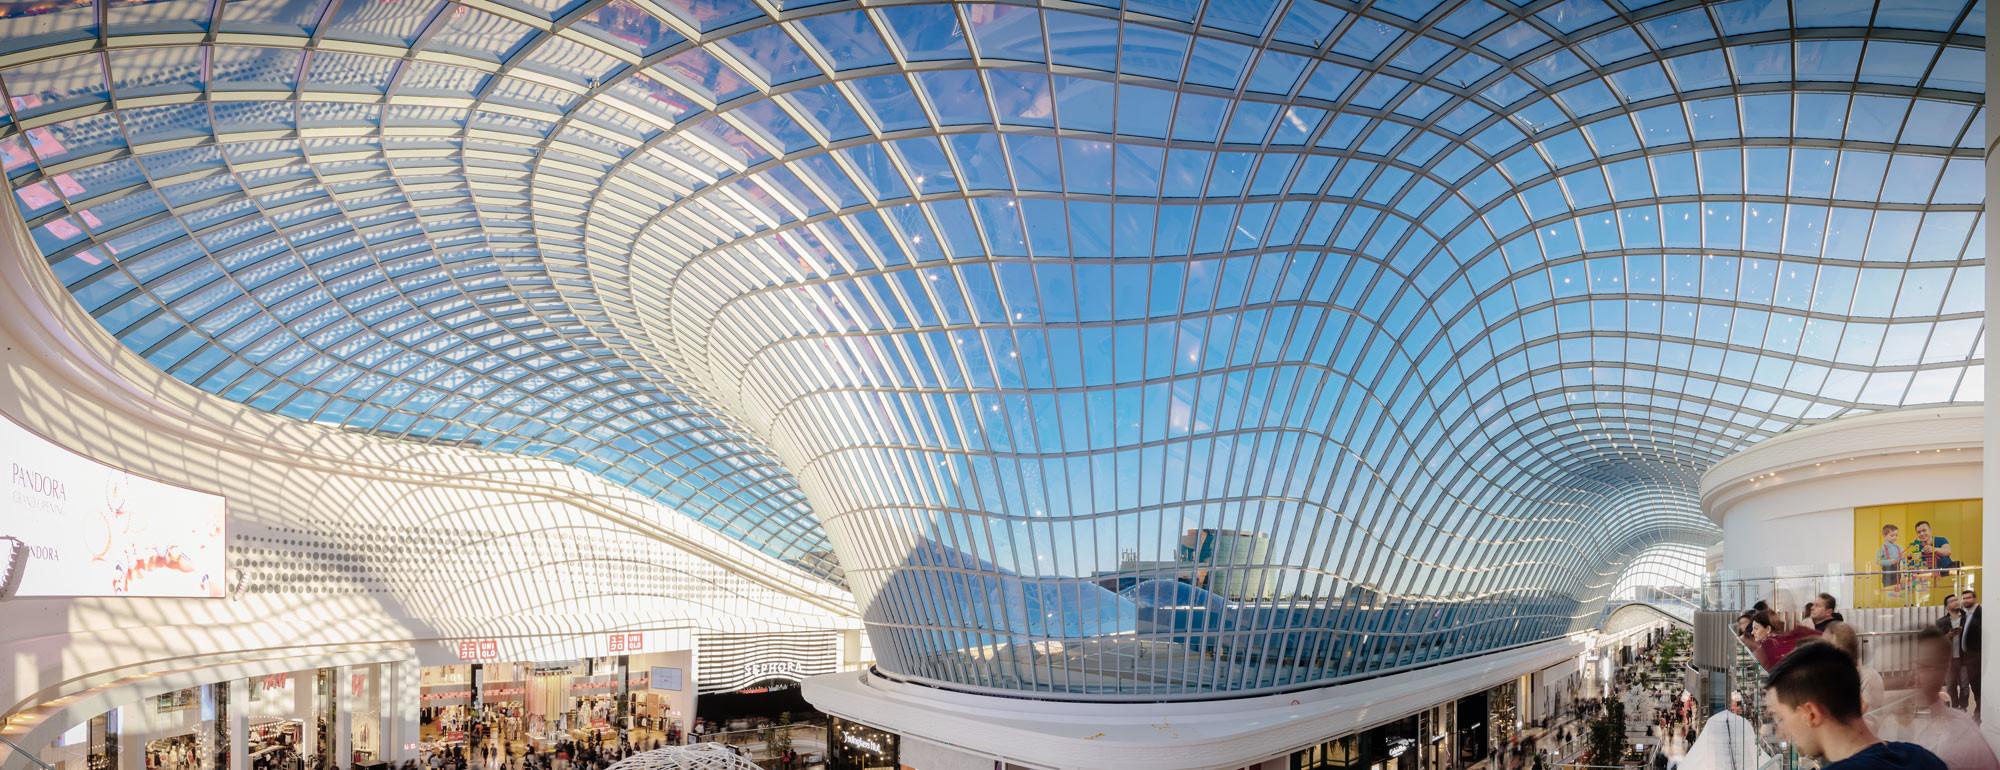 Aus Der Dreidimensionalen Dachgeometrie Ergibt Sich Eine Individuelle  Sphärische Krümmung In Jedem Glas